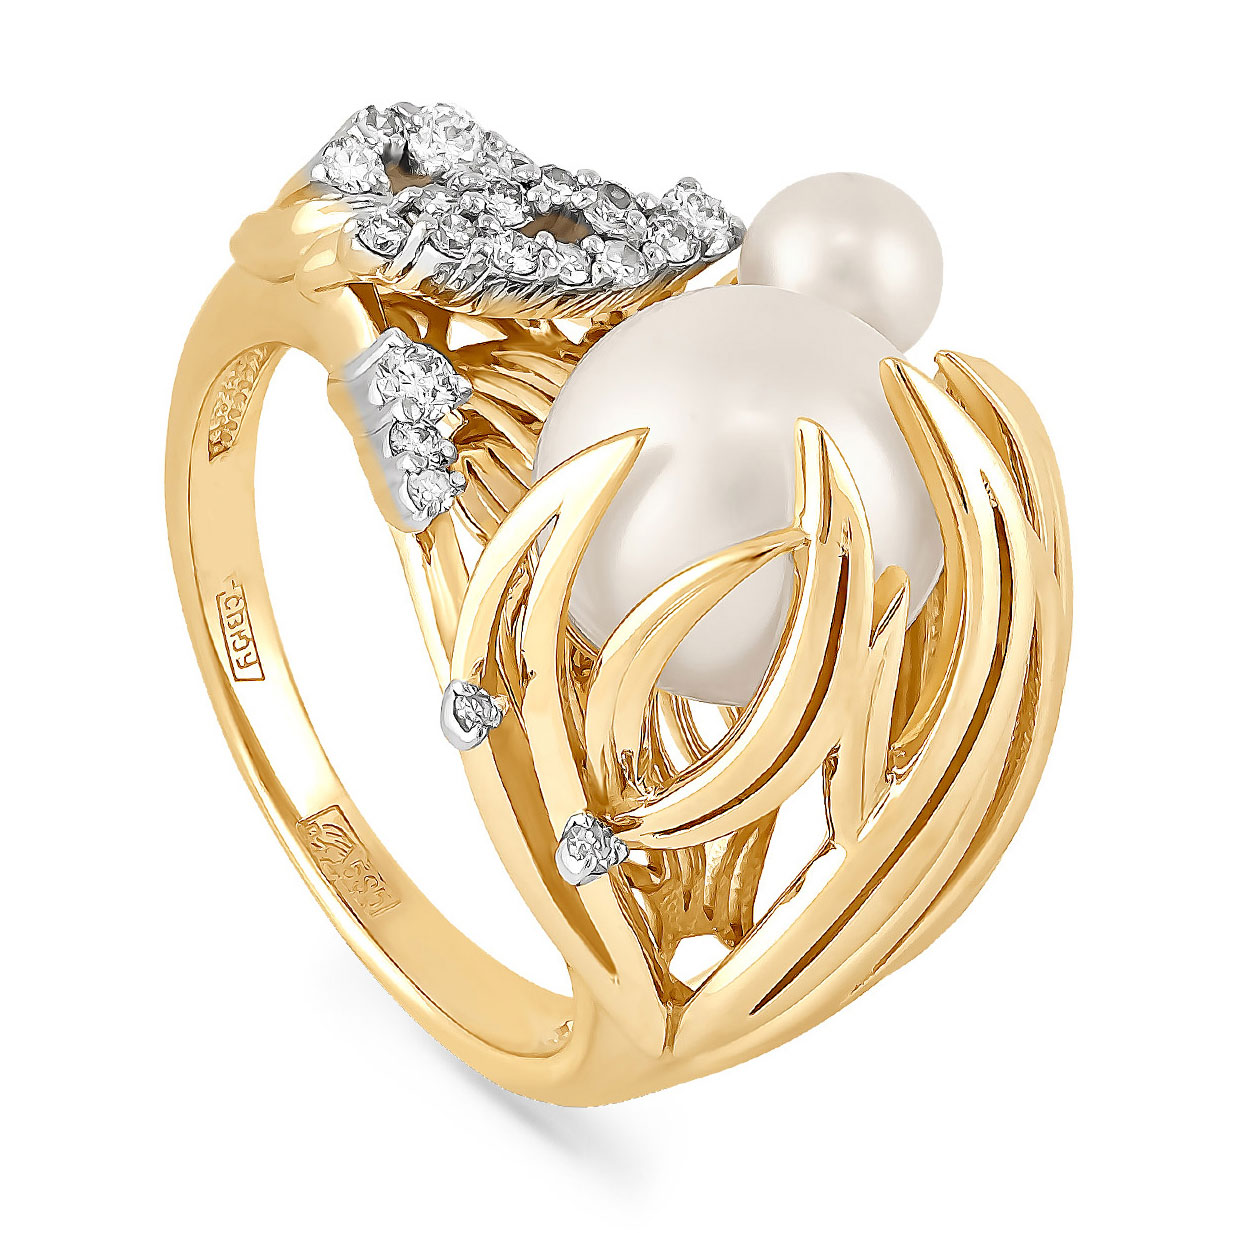 Кольцо из лимонного золота Бриллиант и Жемчуг арт. 21-2031-1500 21-2031-1500